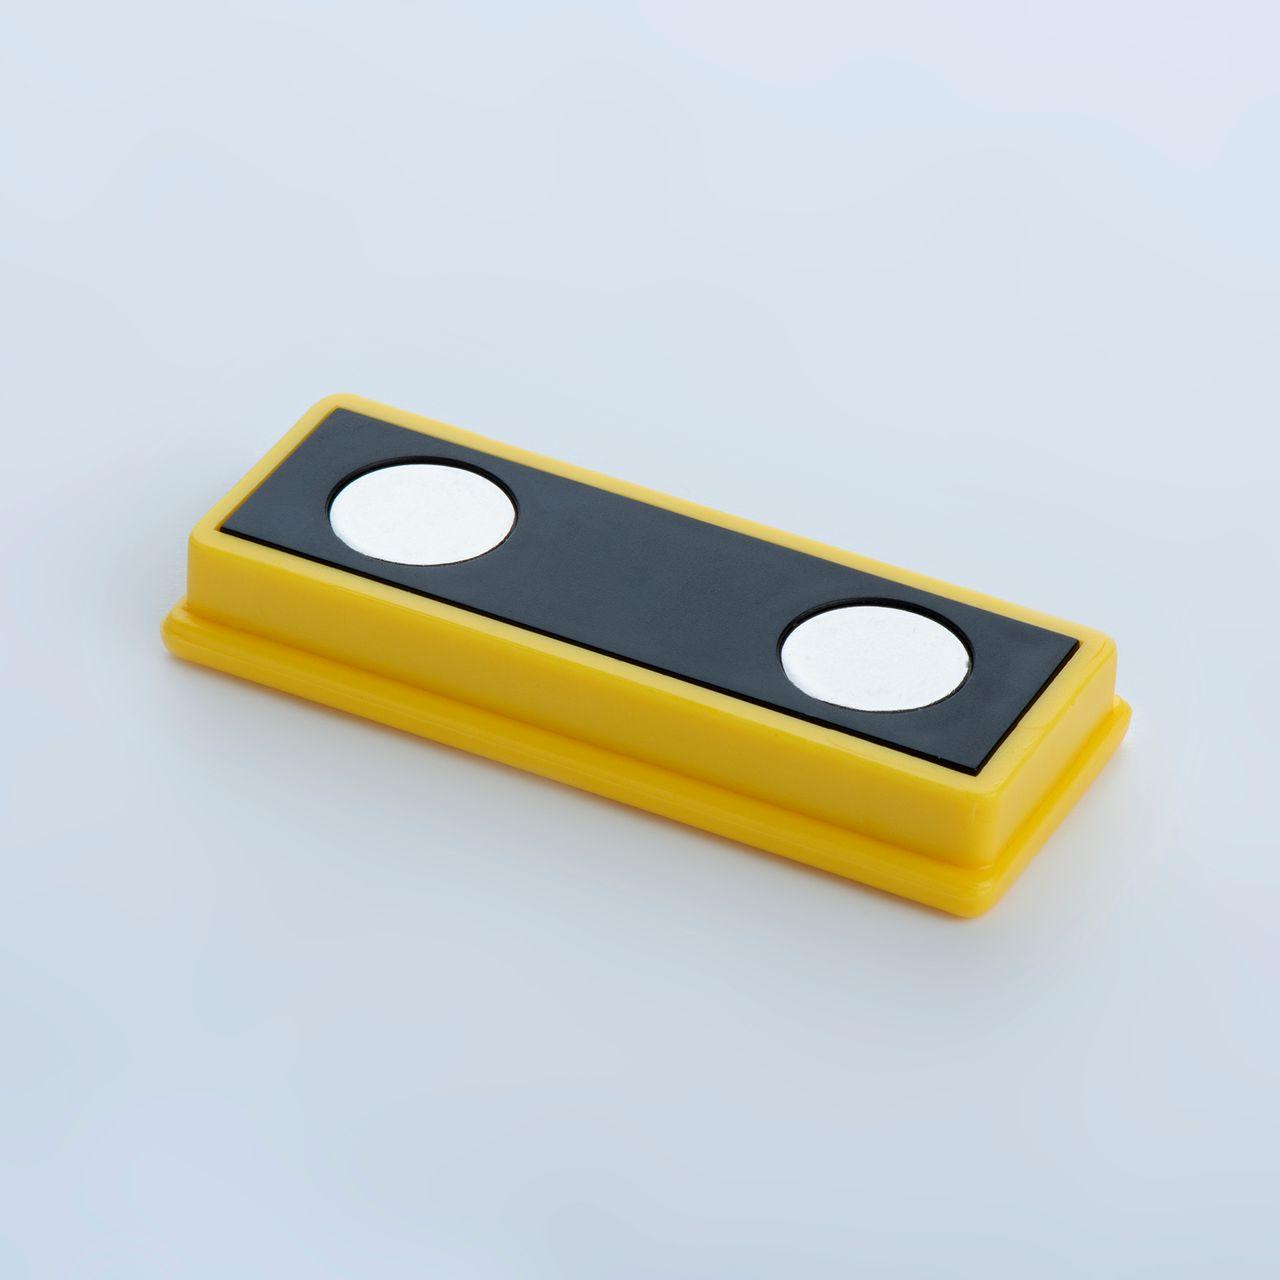 Organisationsmagnet aus Neodym mit rechteckigem Kunststoffgehäuse, verschiedene Farben, thyssenkrupp Magnettechnik